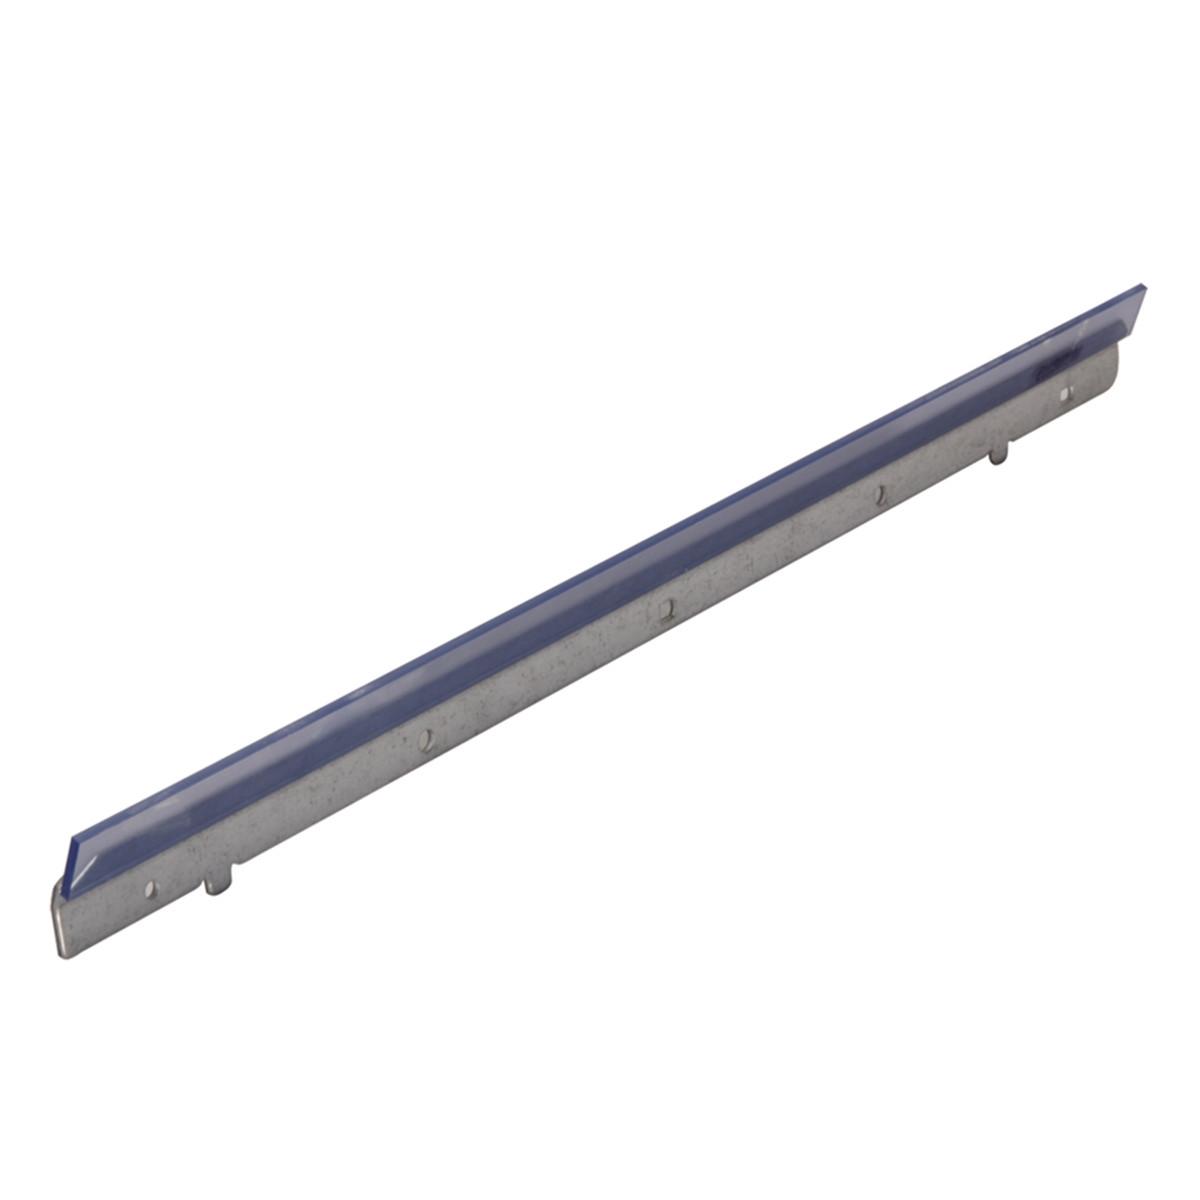 Lâmina de Limpeza Ricoh AFICIO 1035 | 1045 | 340 | 350 | 450 | AP4500 | AP4510 | SP8100DN | KATUN